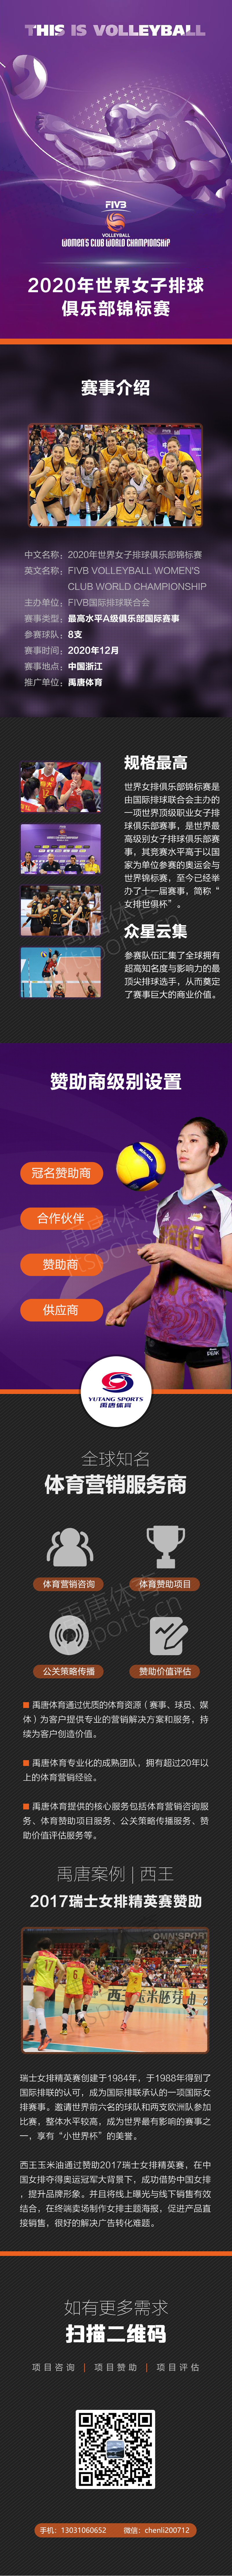 2020年女排世俱杯(世界女子排球俱乐部锦标赛)赞助合作方案